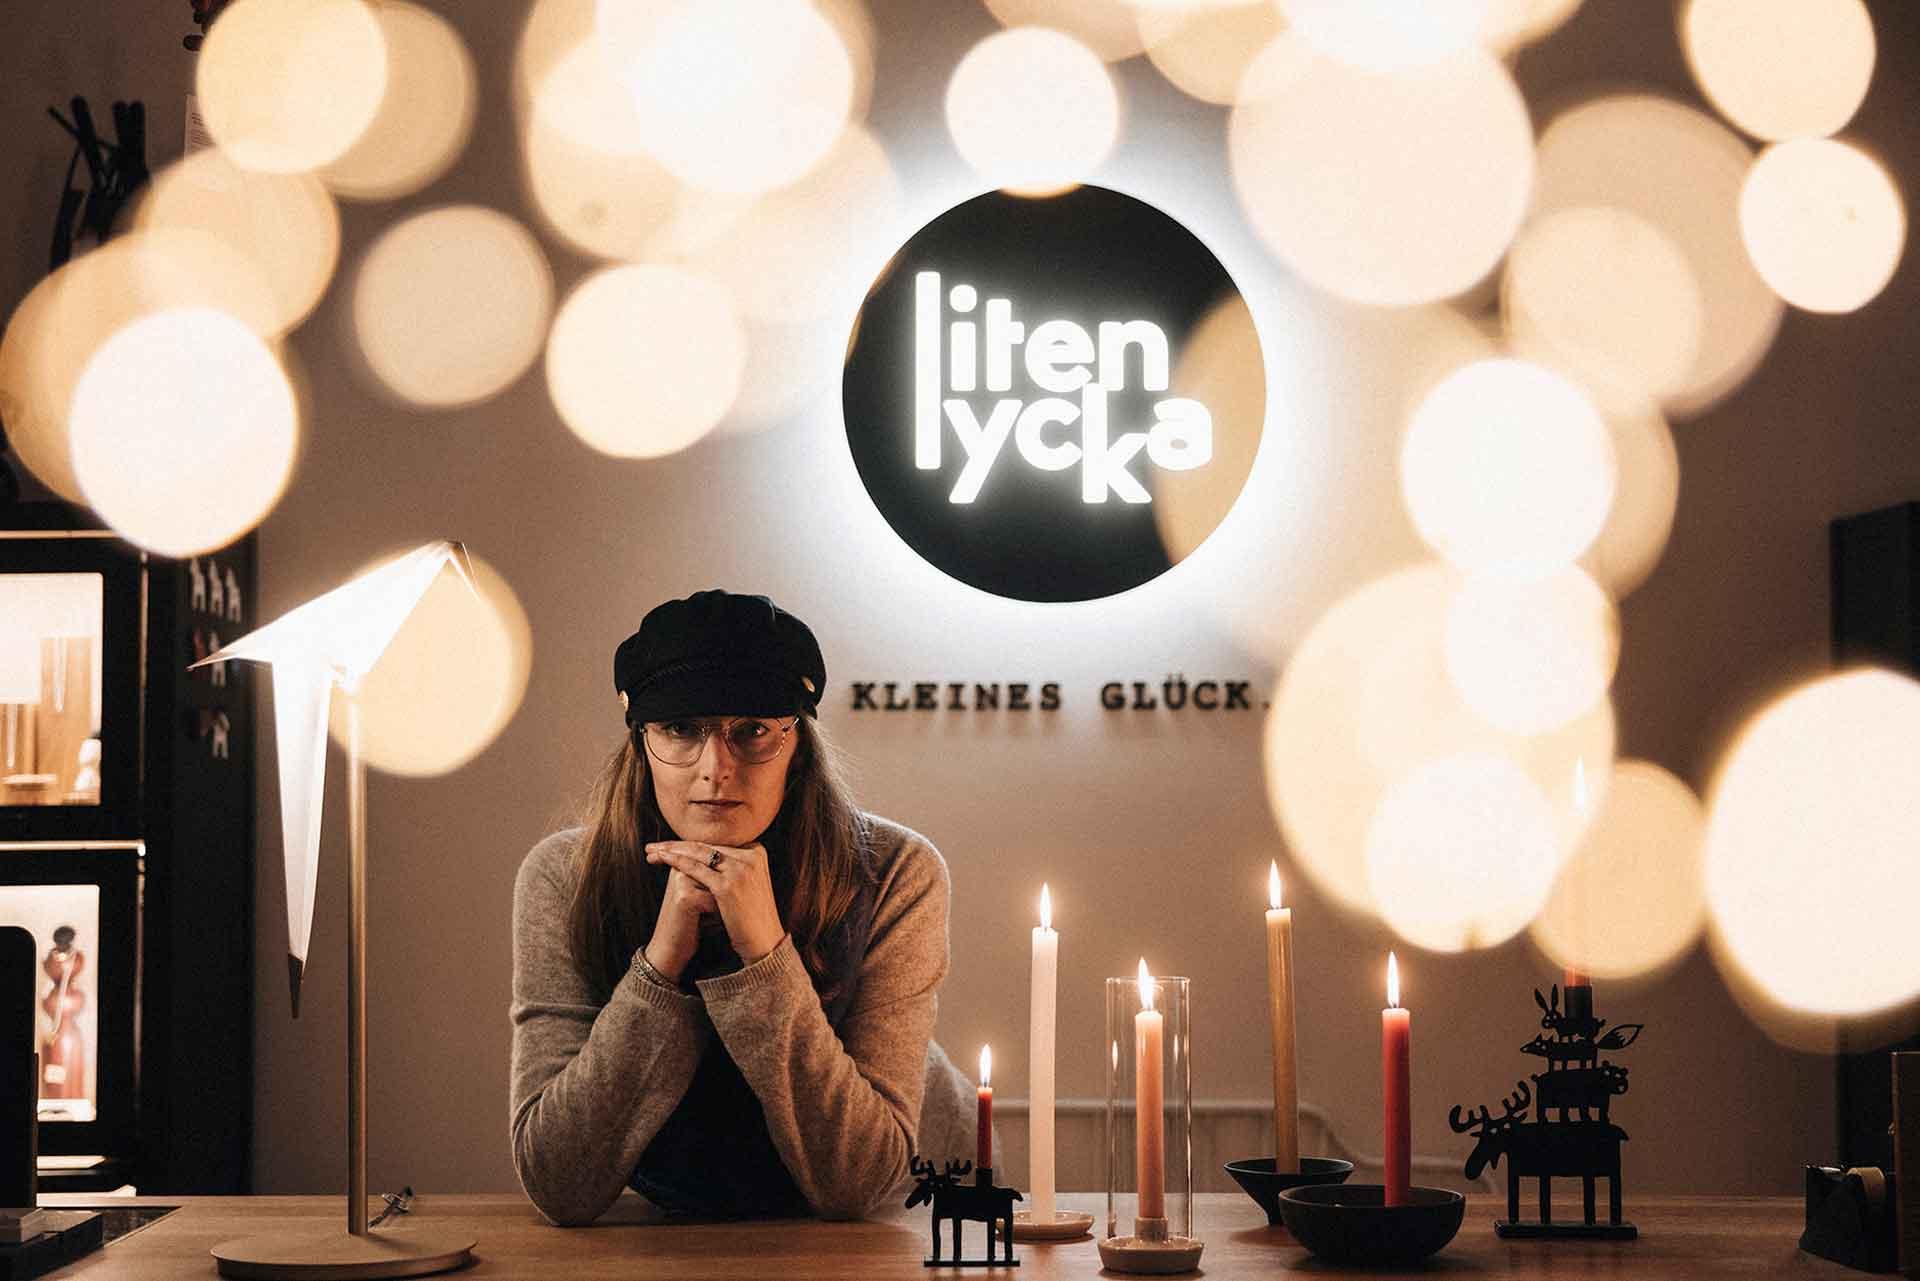 Ein Portrait von Diana Moegen in ihrem Laden liten lycka.